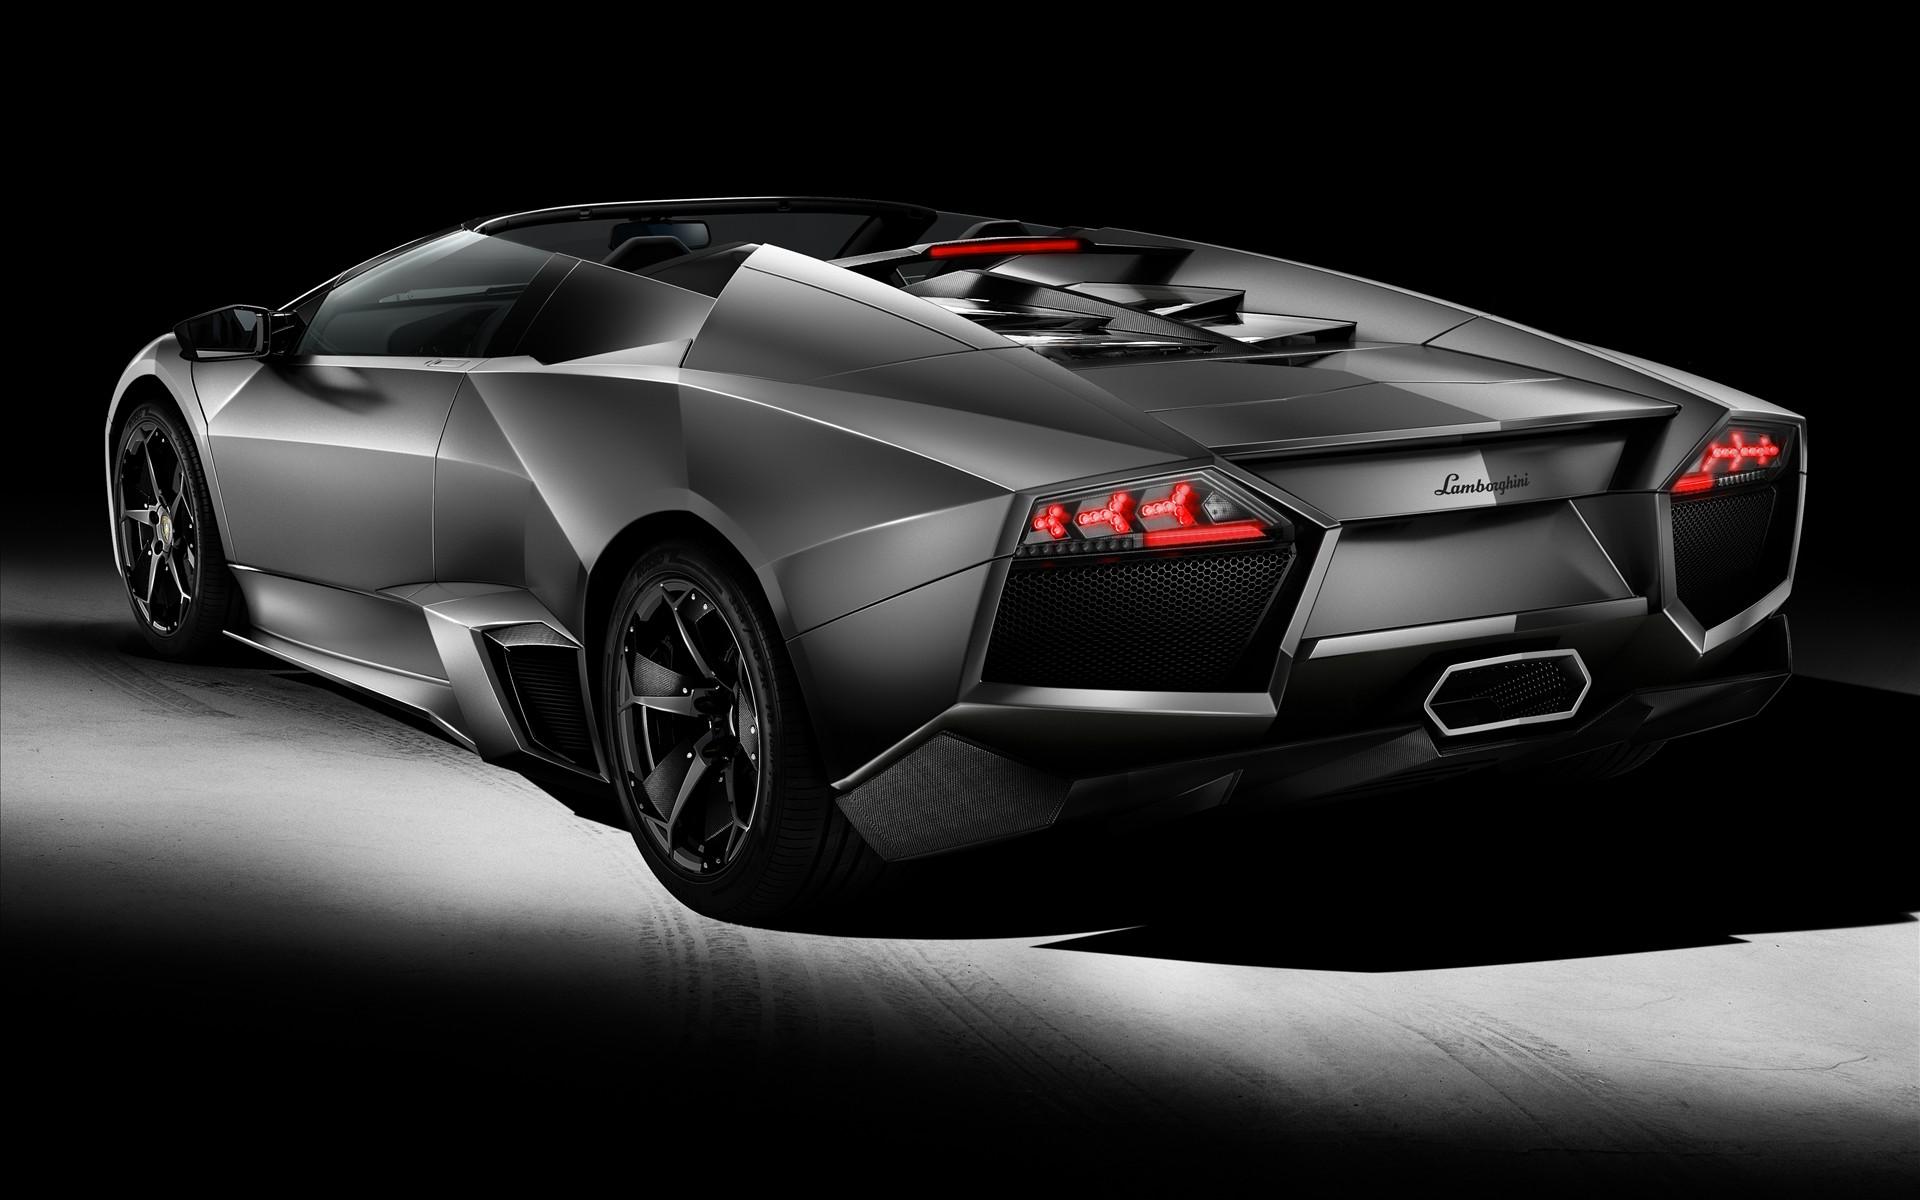 lamborghini-reventon-r0xri Extraordinary Lamborghini Countach Schwer Zu Fahren Cars Trend